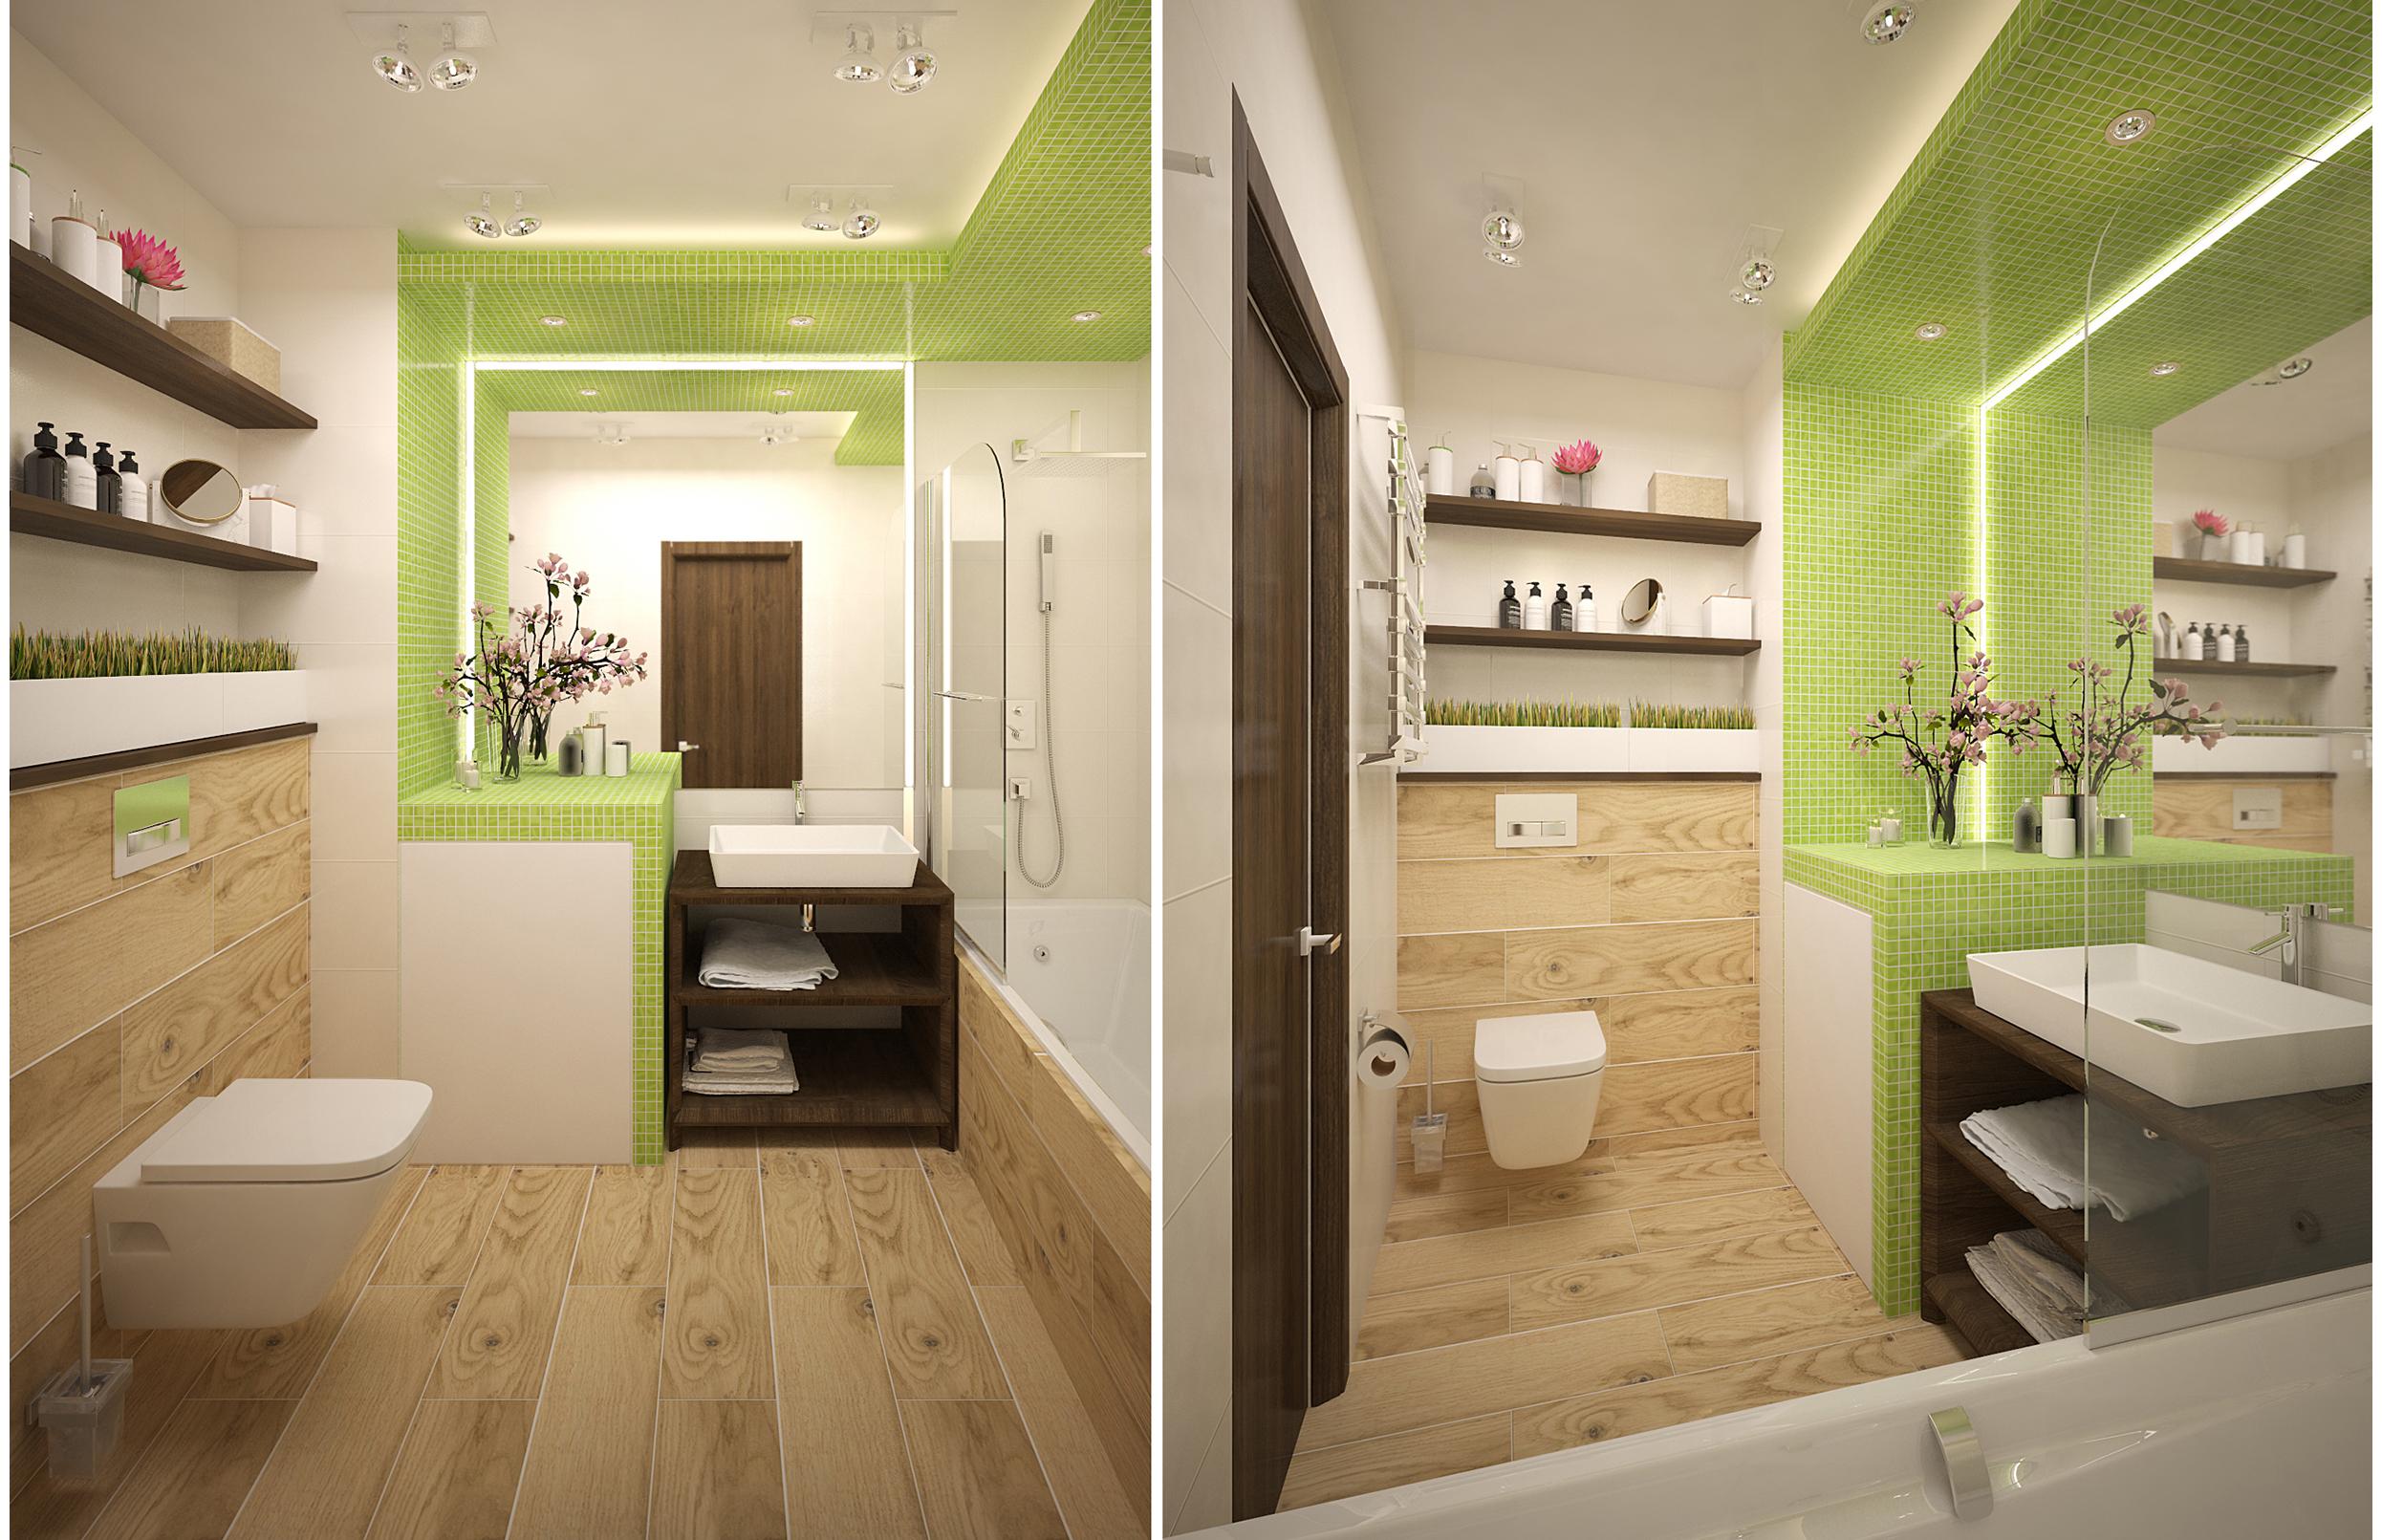 Copy of Contemporary bathroom interior